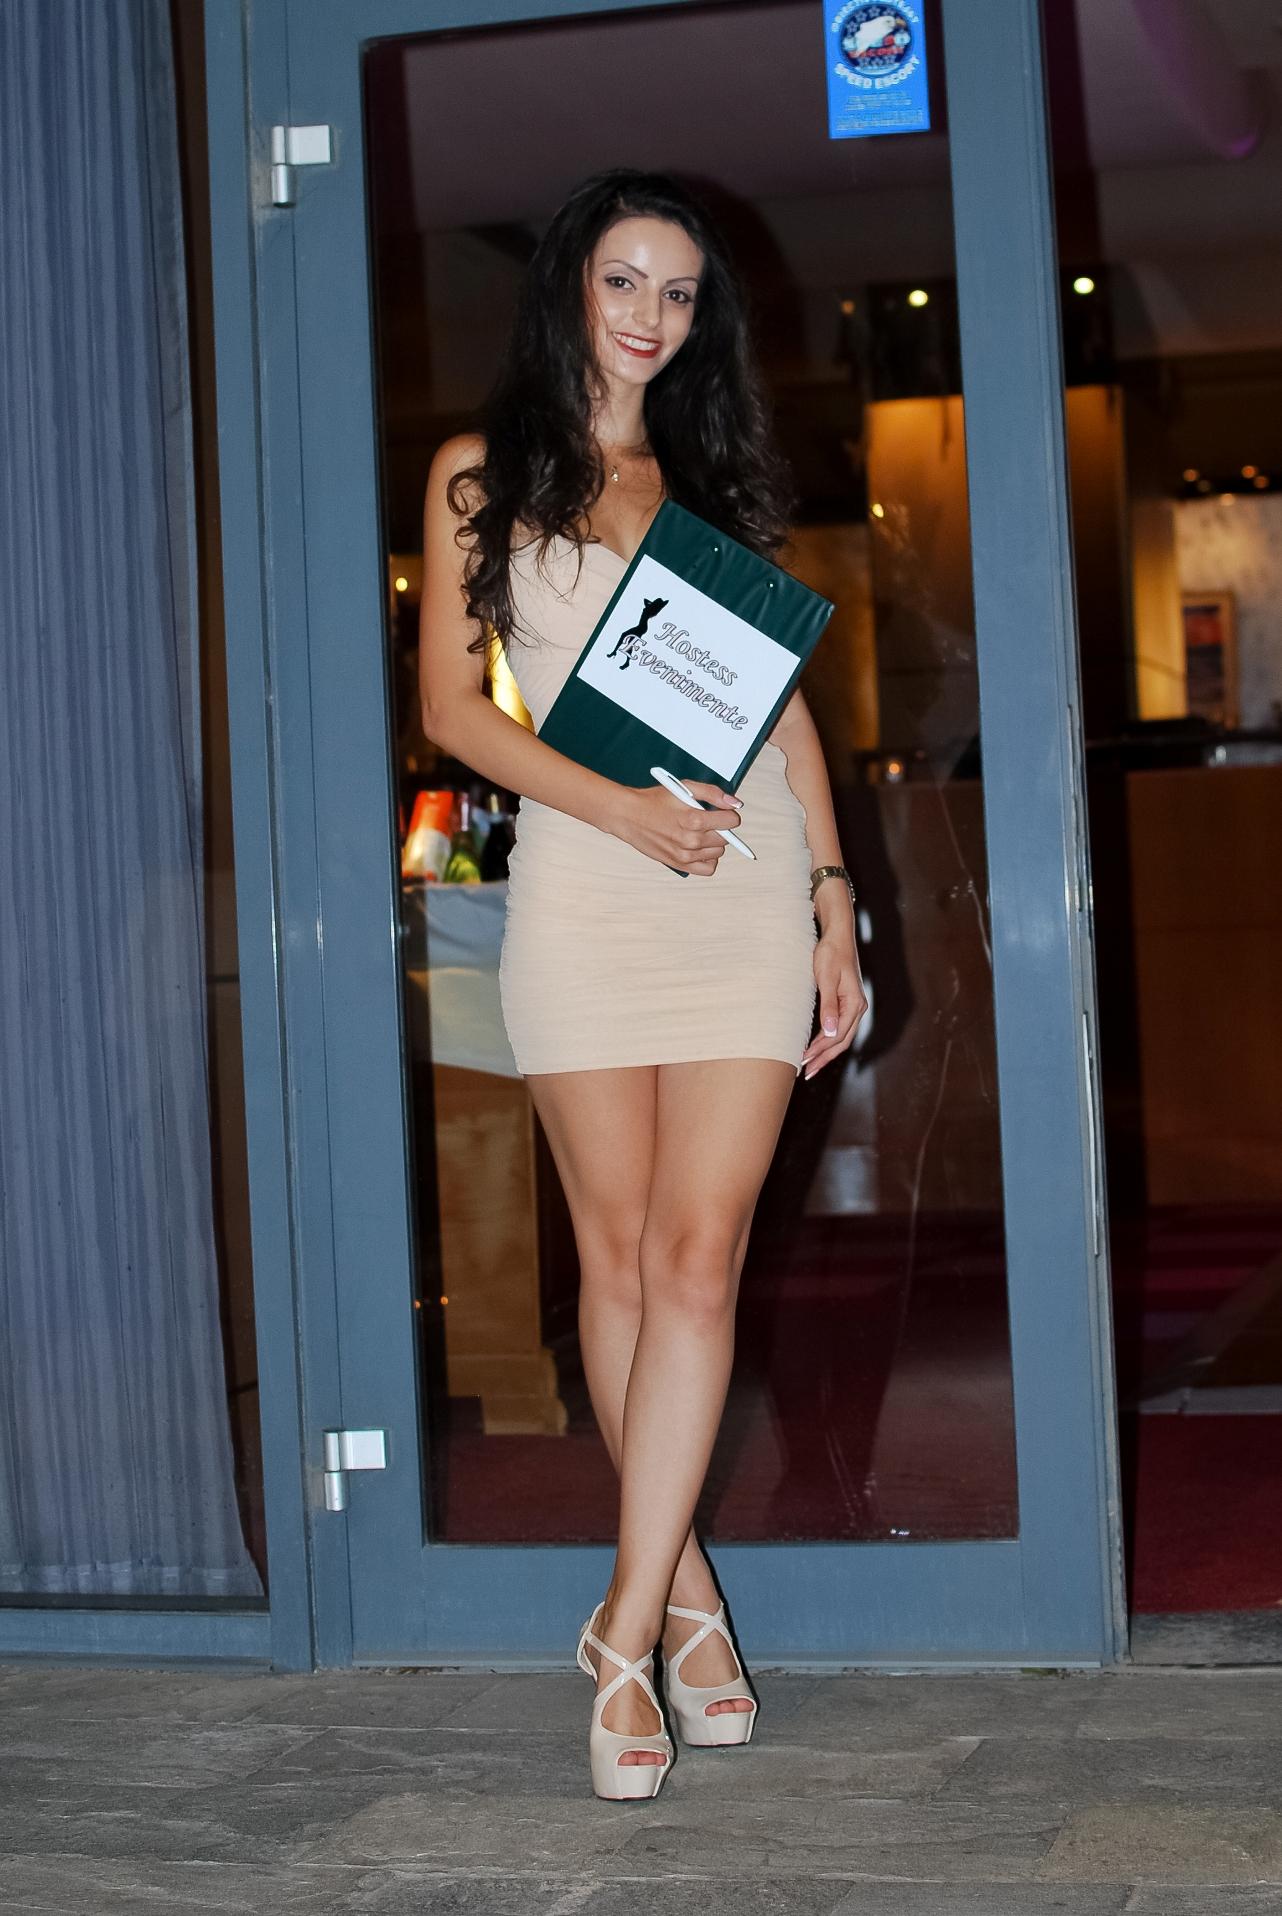 Hostess+Eforie+Nord+Hotel+Europa++(4).JPG